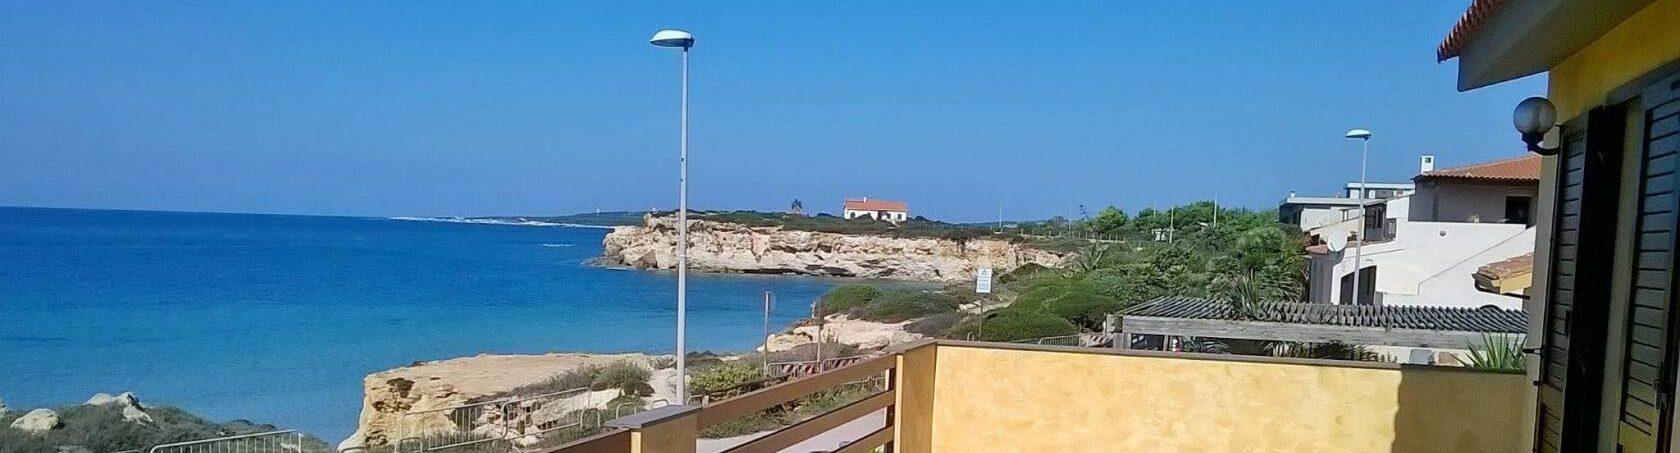 Proprietà immobiliari sul mare